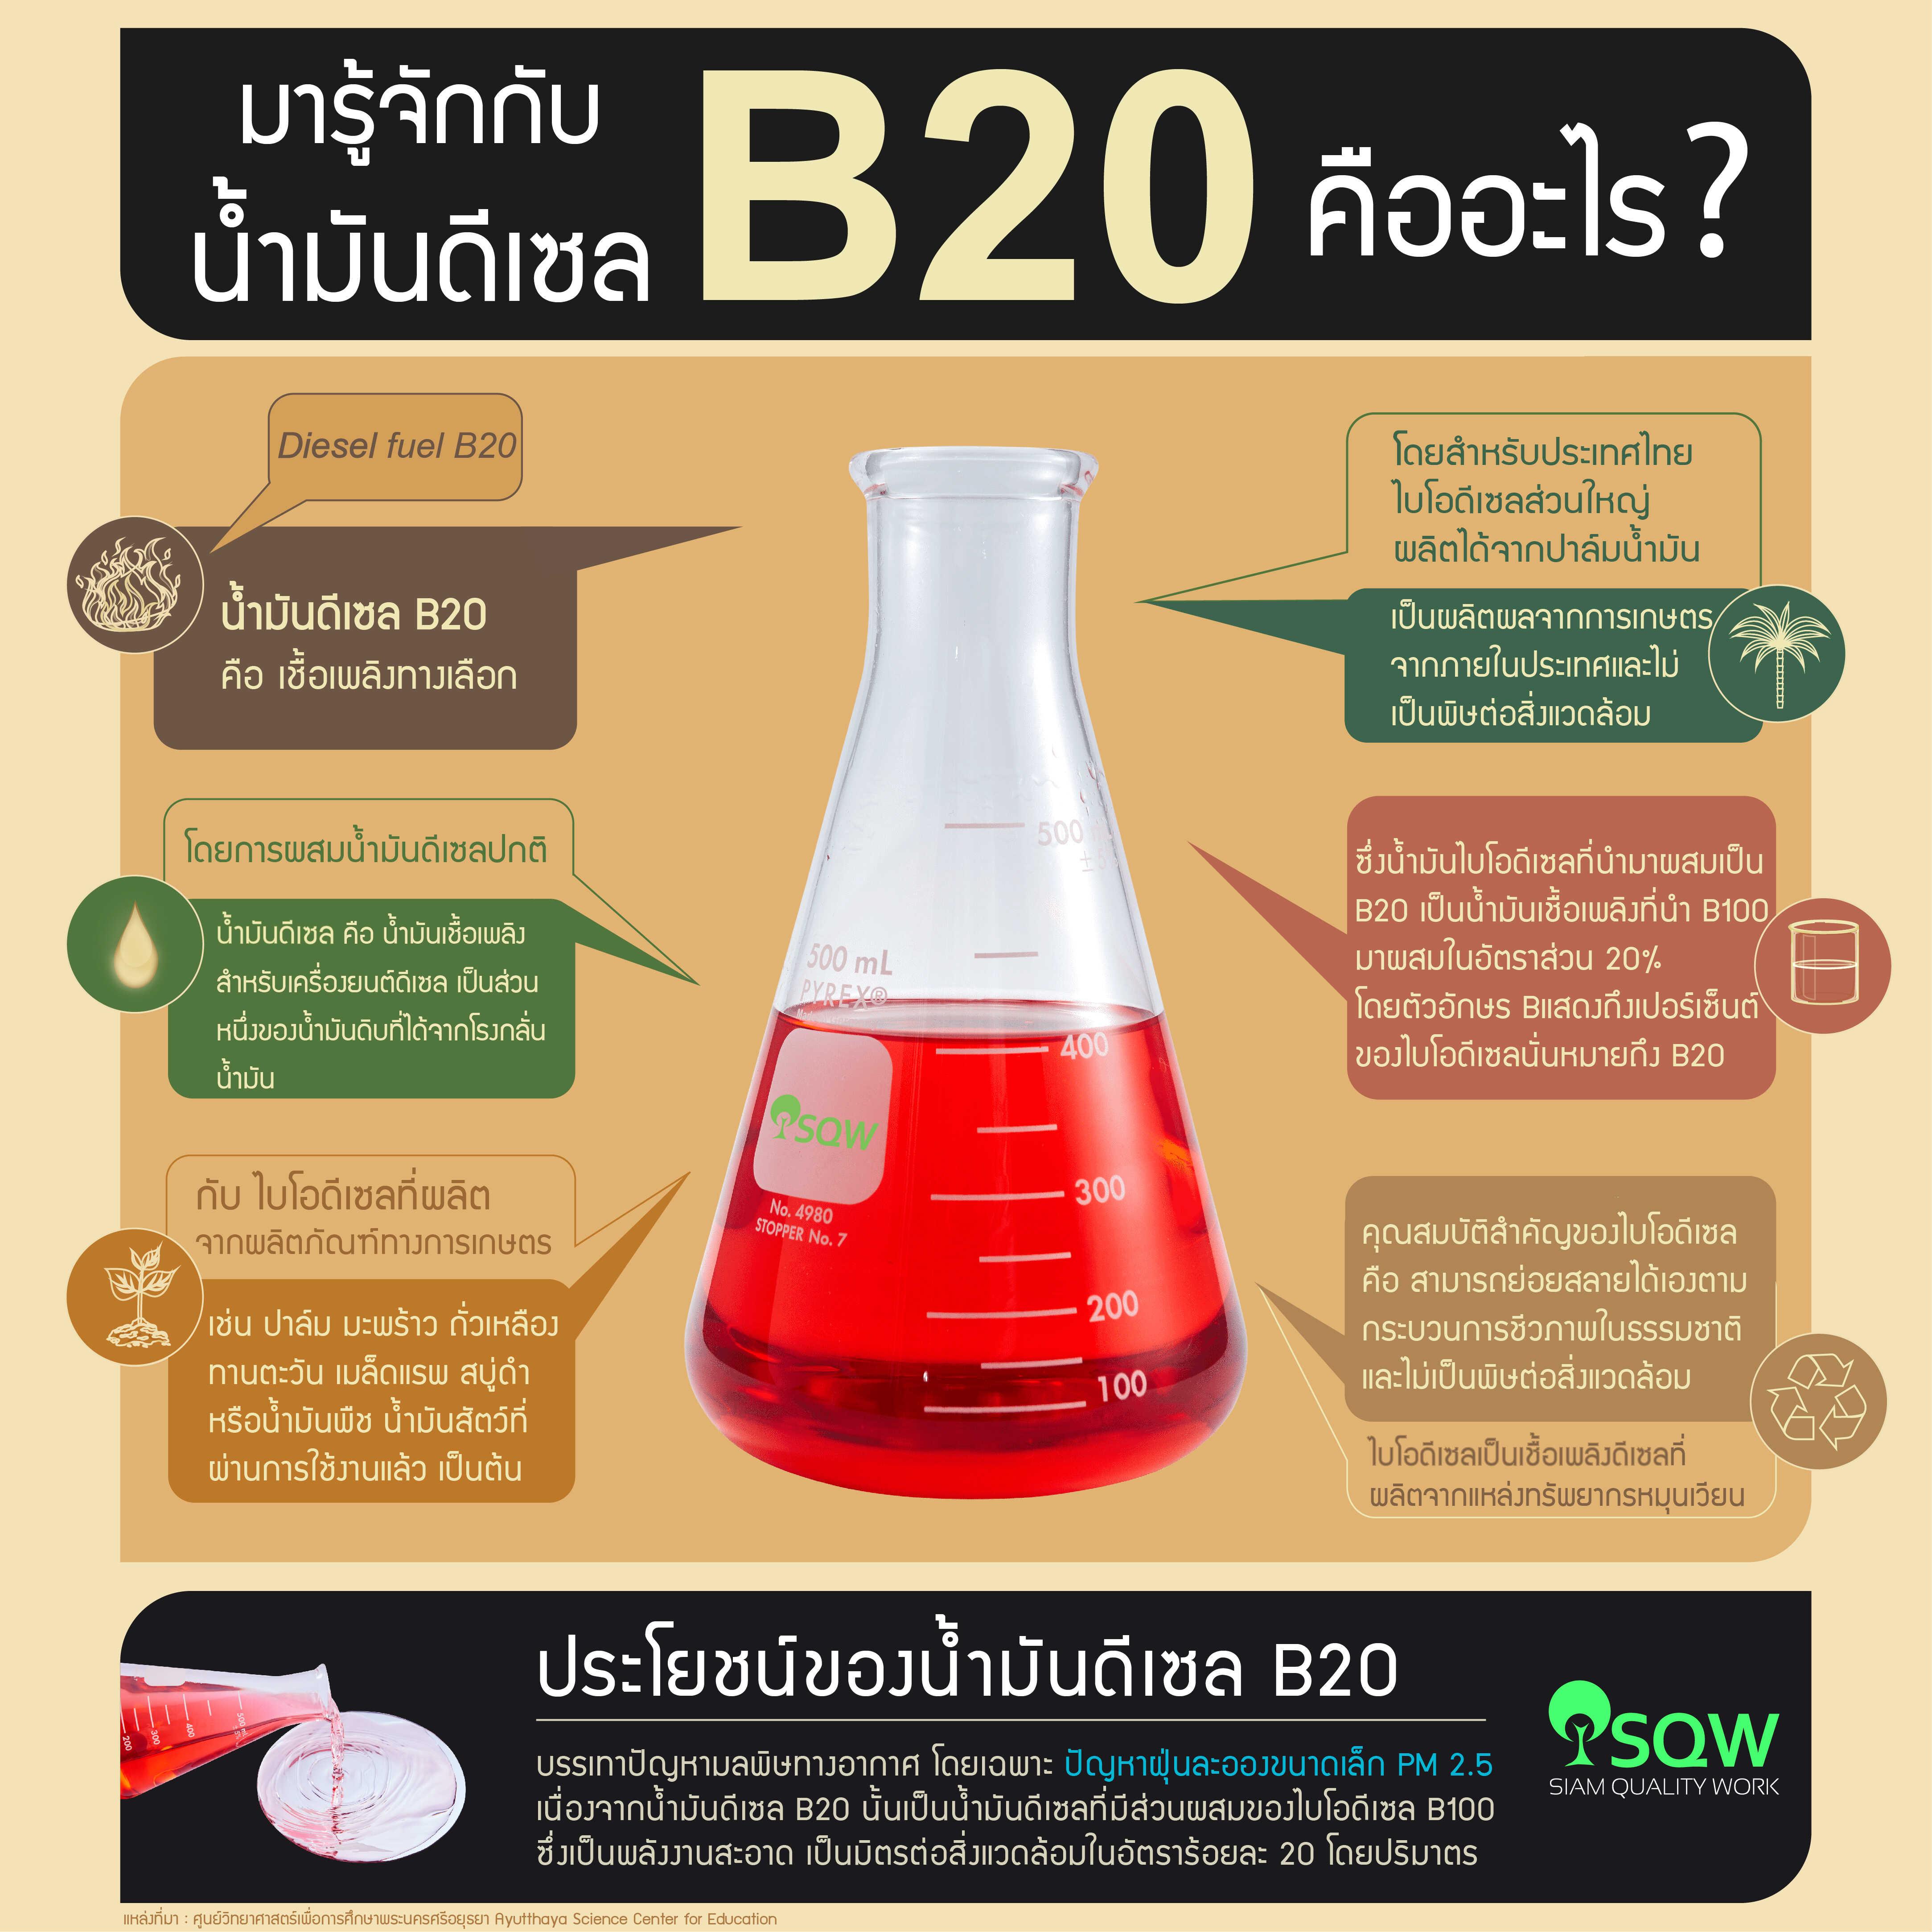 ทำความรู้จักกับน้ำมันดีเซล B20